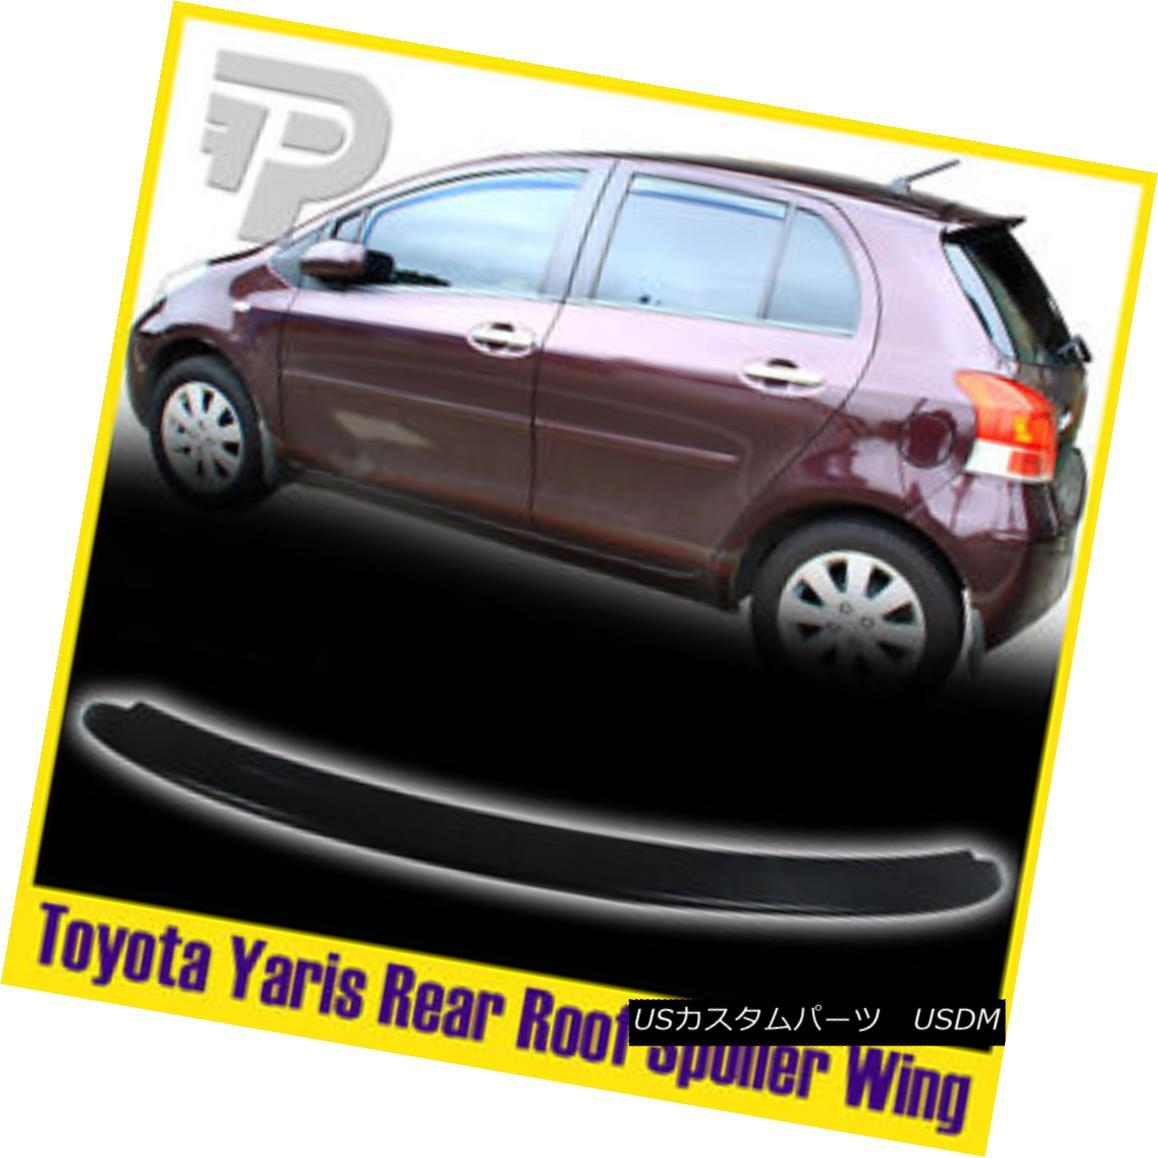 エアロパーツ Unpainted Hatchback TOYOTA Yaris XP90 2D 4D OE Look Rear Roof Spoiler Wing 未塗装ハッチバックTOYOTA Yaris XP90 2D 4D OEルーフスポイラーウイングを見る